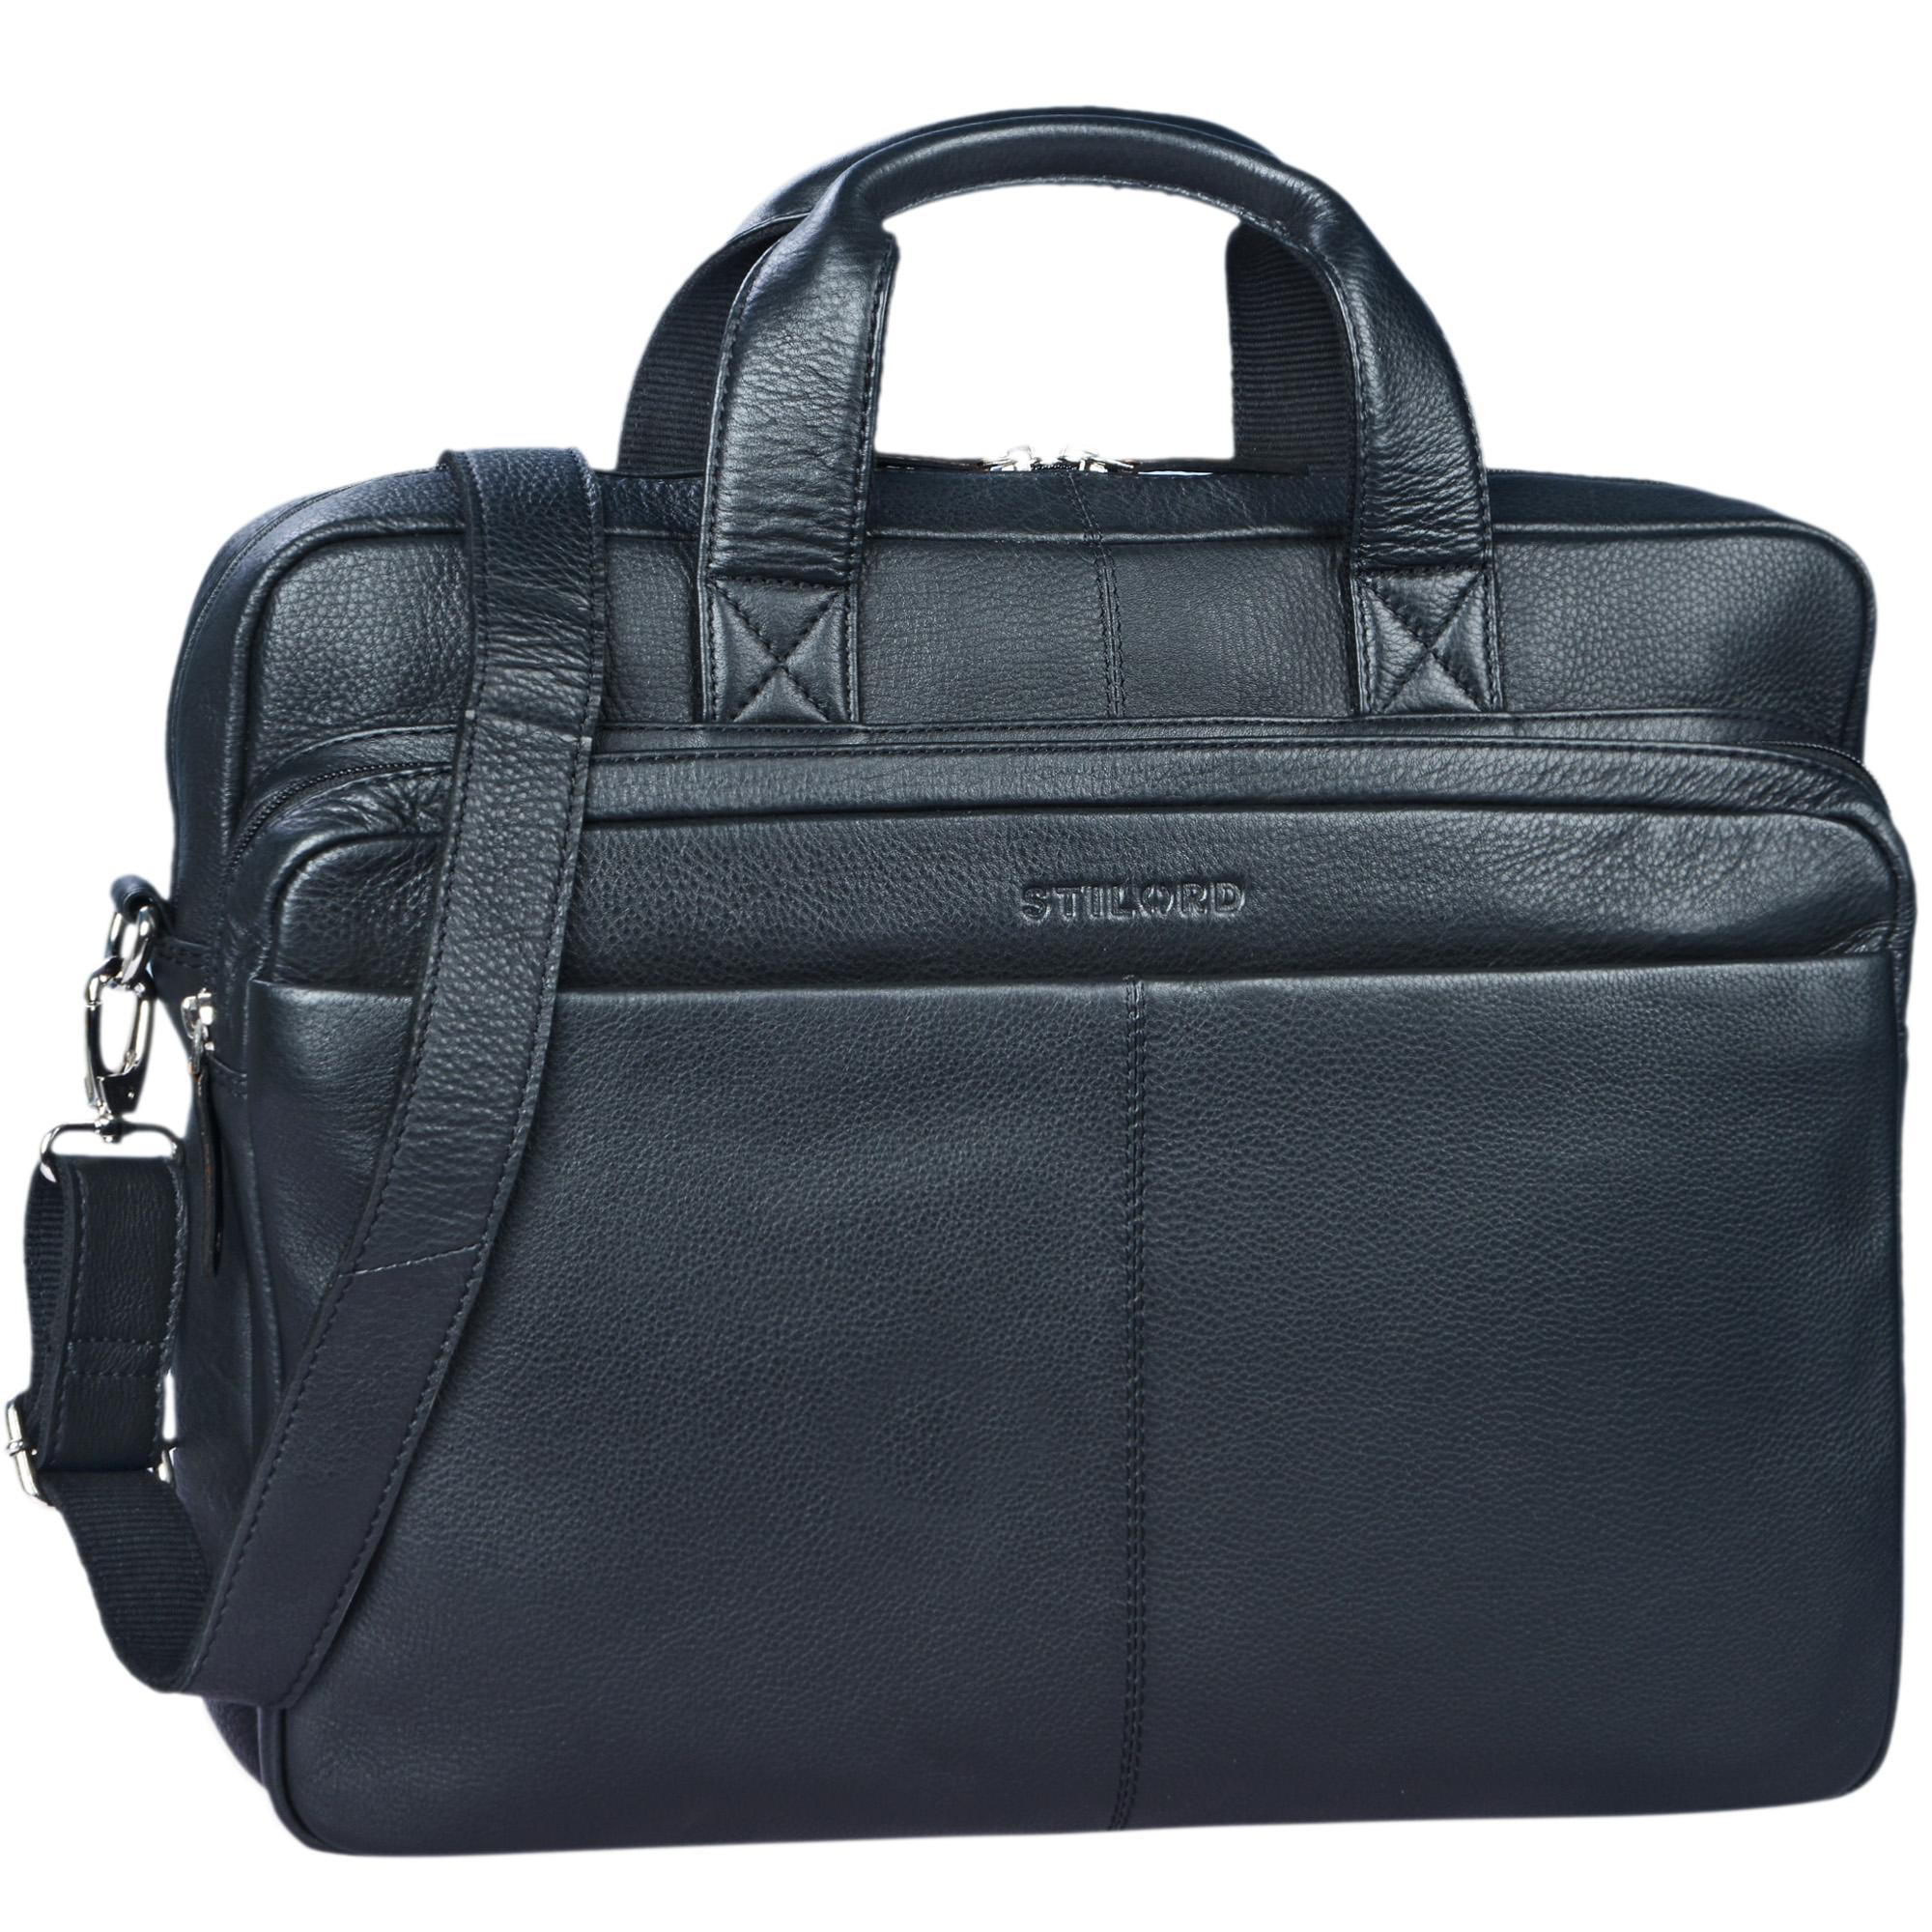 """STILORD """"Verus"""" Vintage Ledertasche groß Aktentasche Laptoptasche Umhängetasche mit Reißverschluss und abnehmbaren Schultergurt Lehrertasche Leder - Bild 9"""